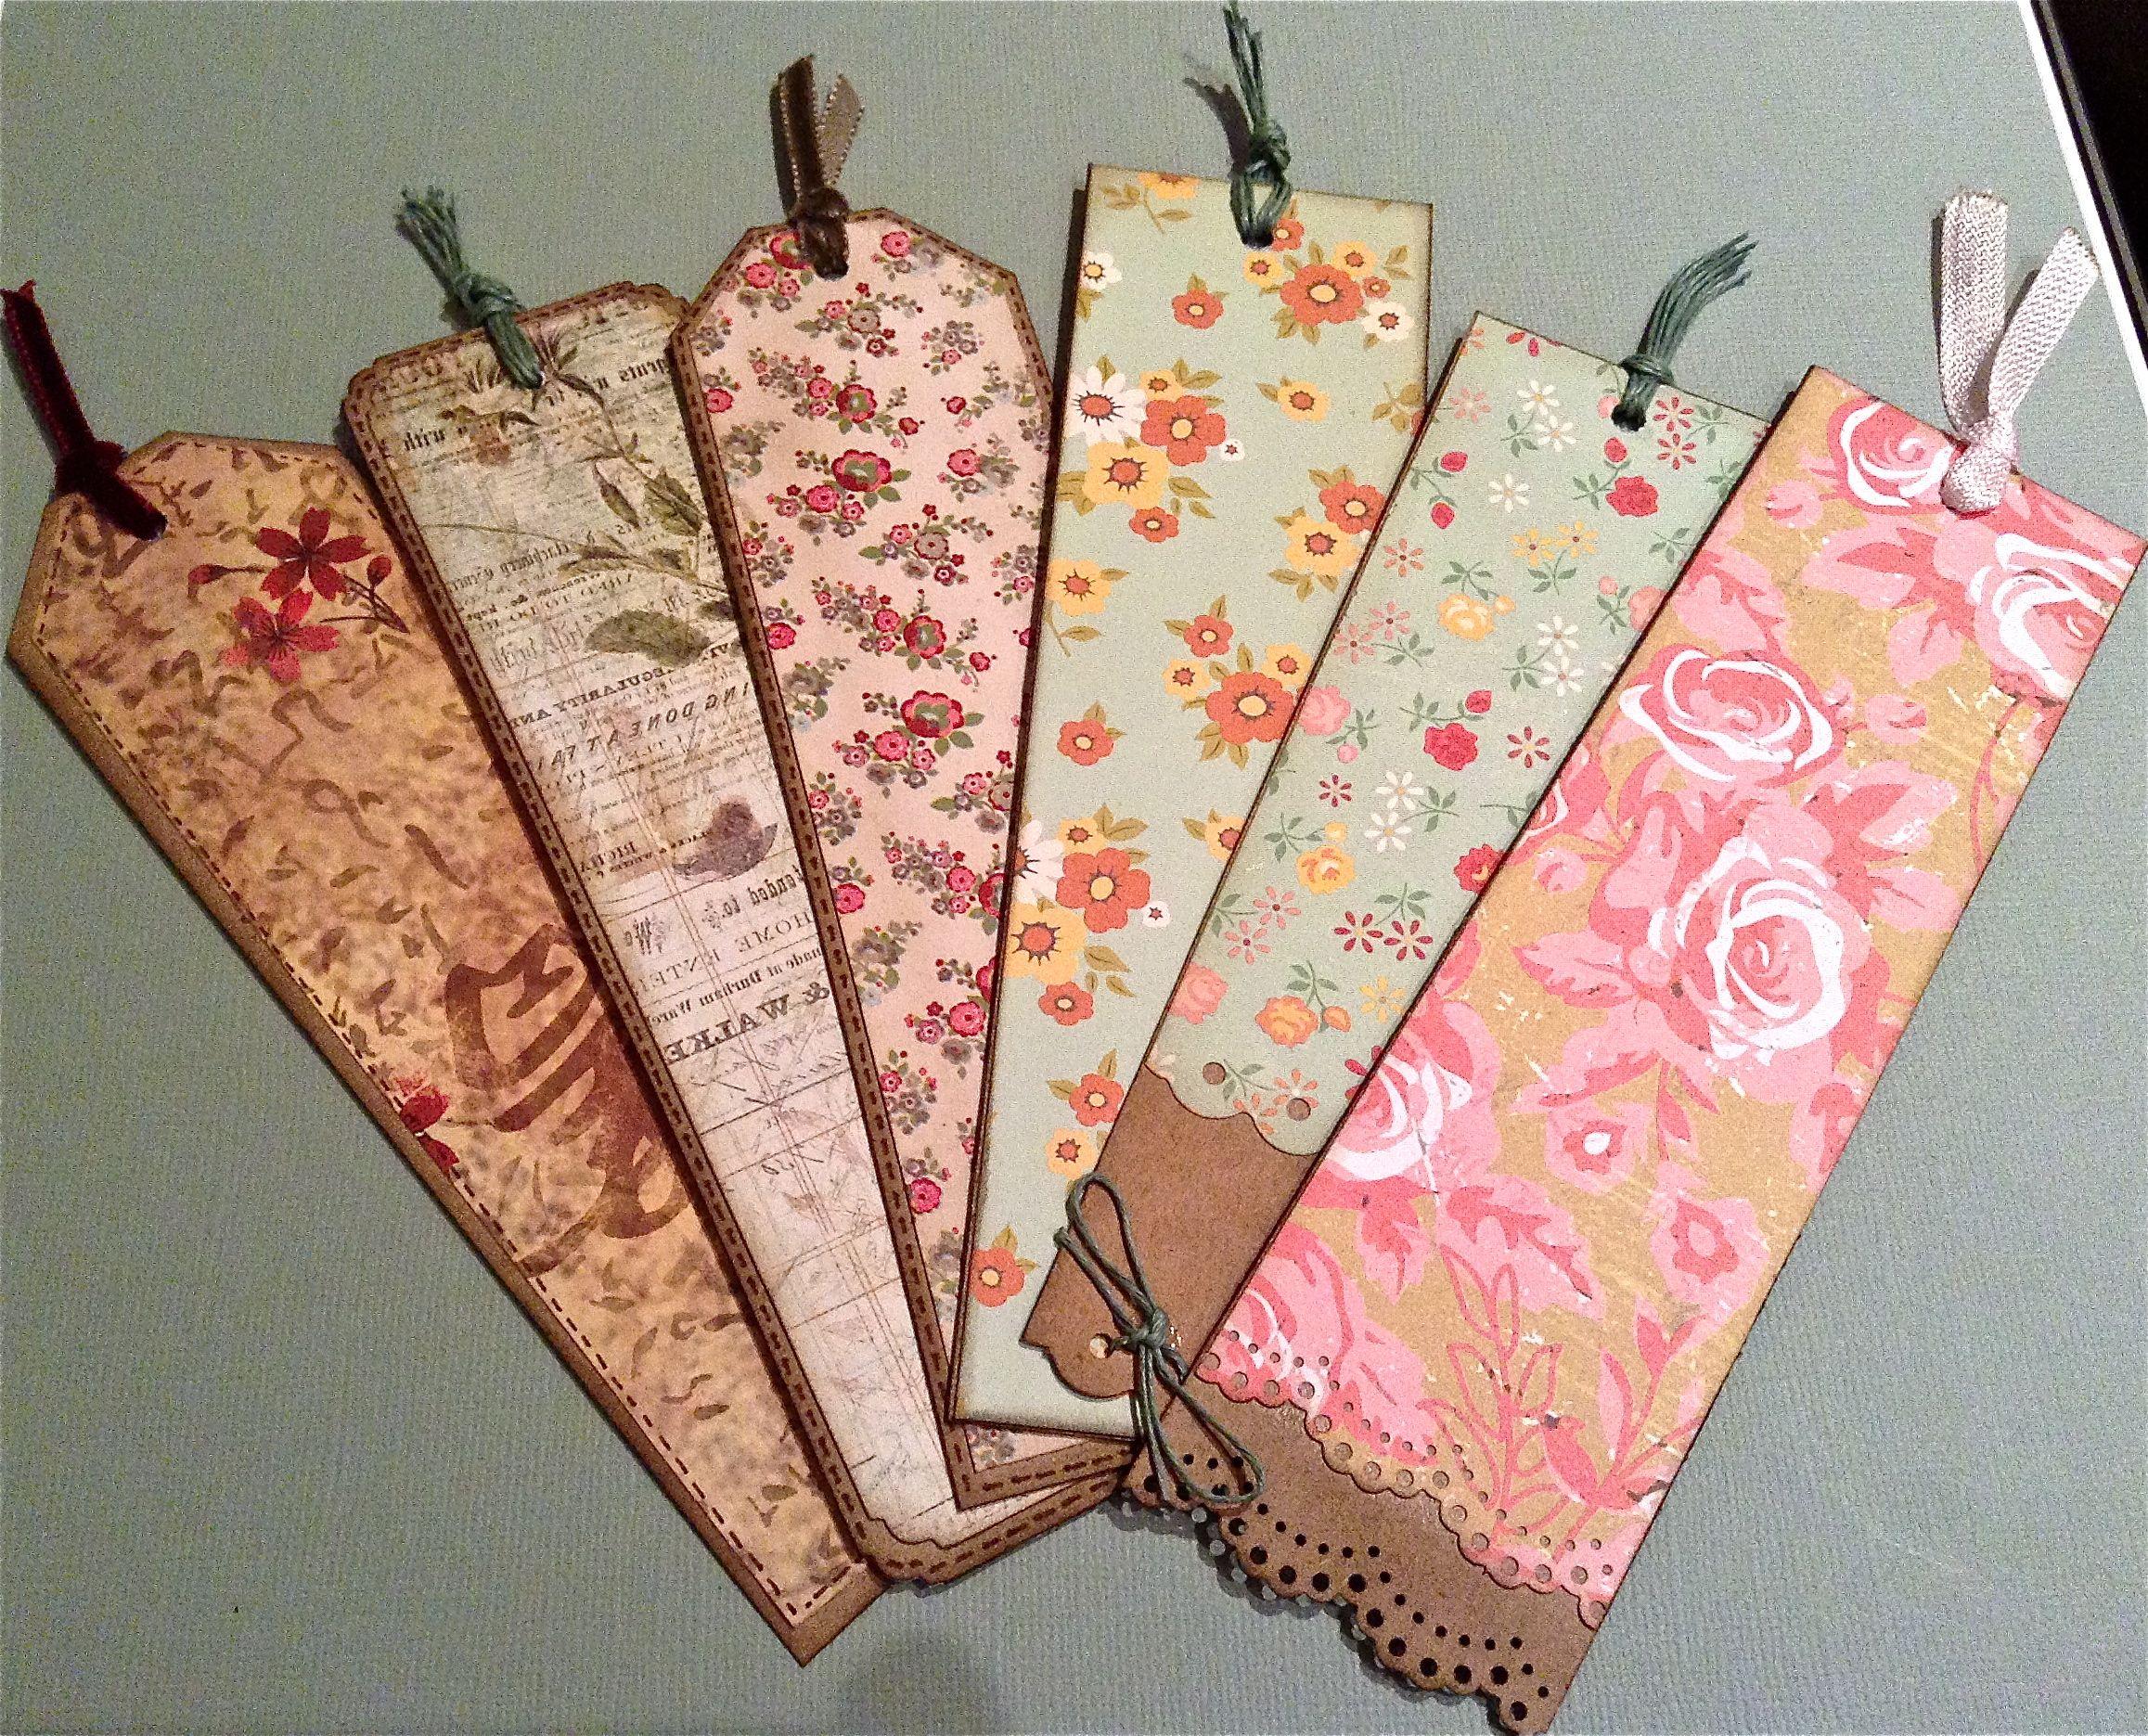 Puntos de libro punts de llibre bookmarks scrapbooking - Manualidades originales y faciles ...